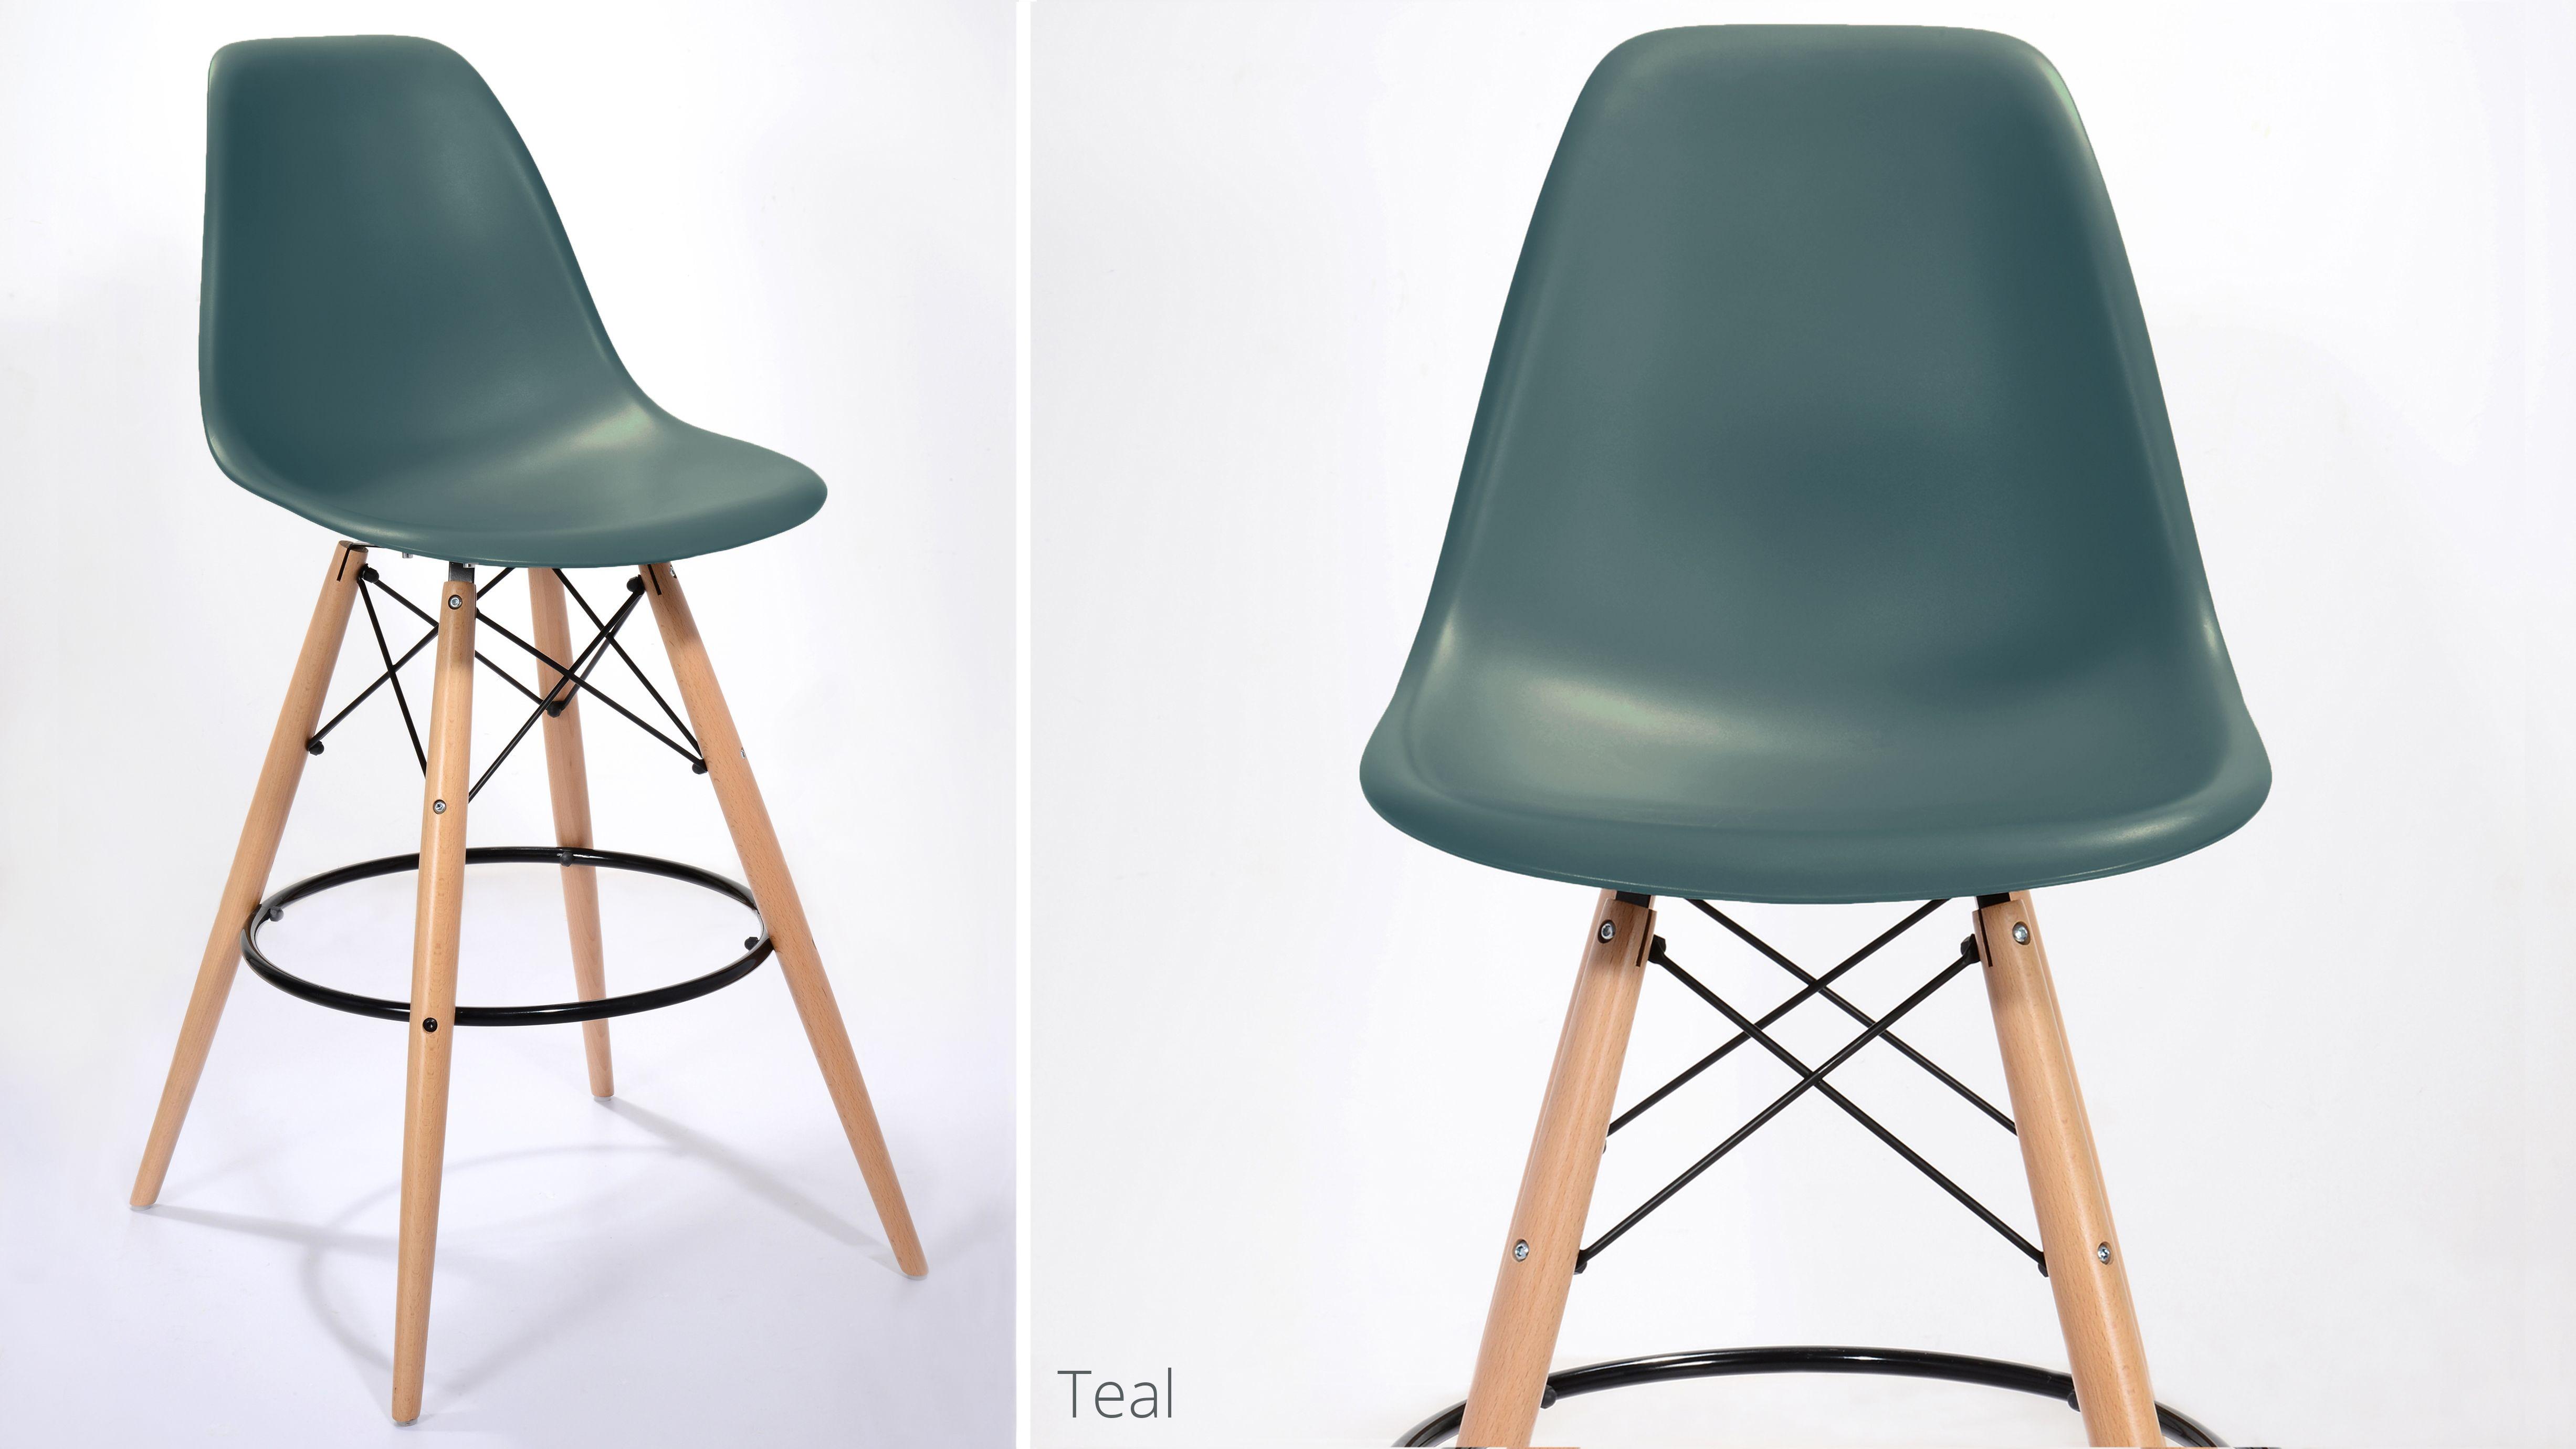 Eames Style Bar Stool Bar stools, Wooden bar stools, Bar